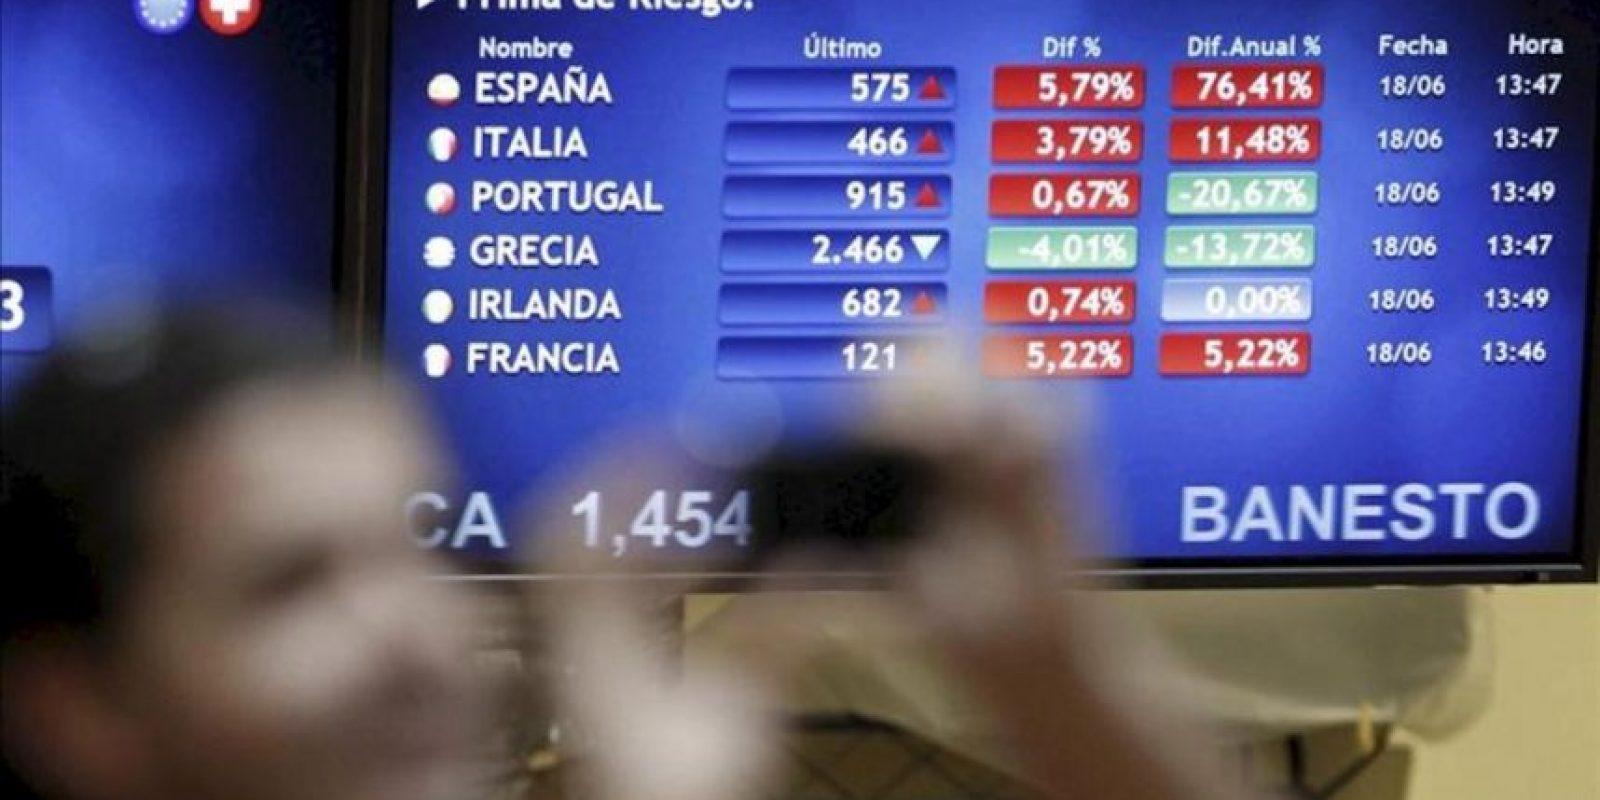 Peneles informativos sobre la prima de riesgo española -que mide el diferencial entre la rentabilidad del bono alemán a diez años y su equivalente nacional- en la Bolsa de Madrid. EFE